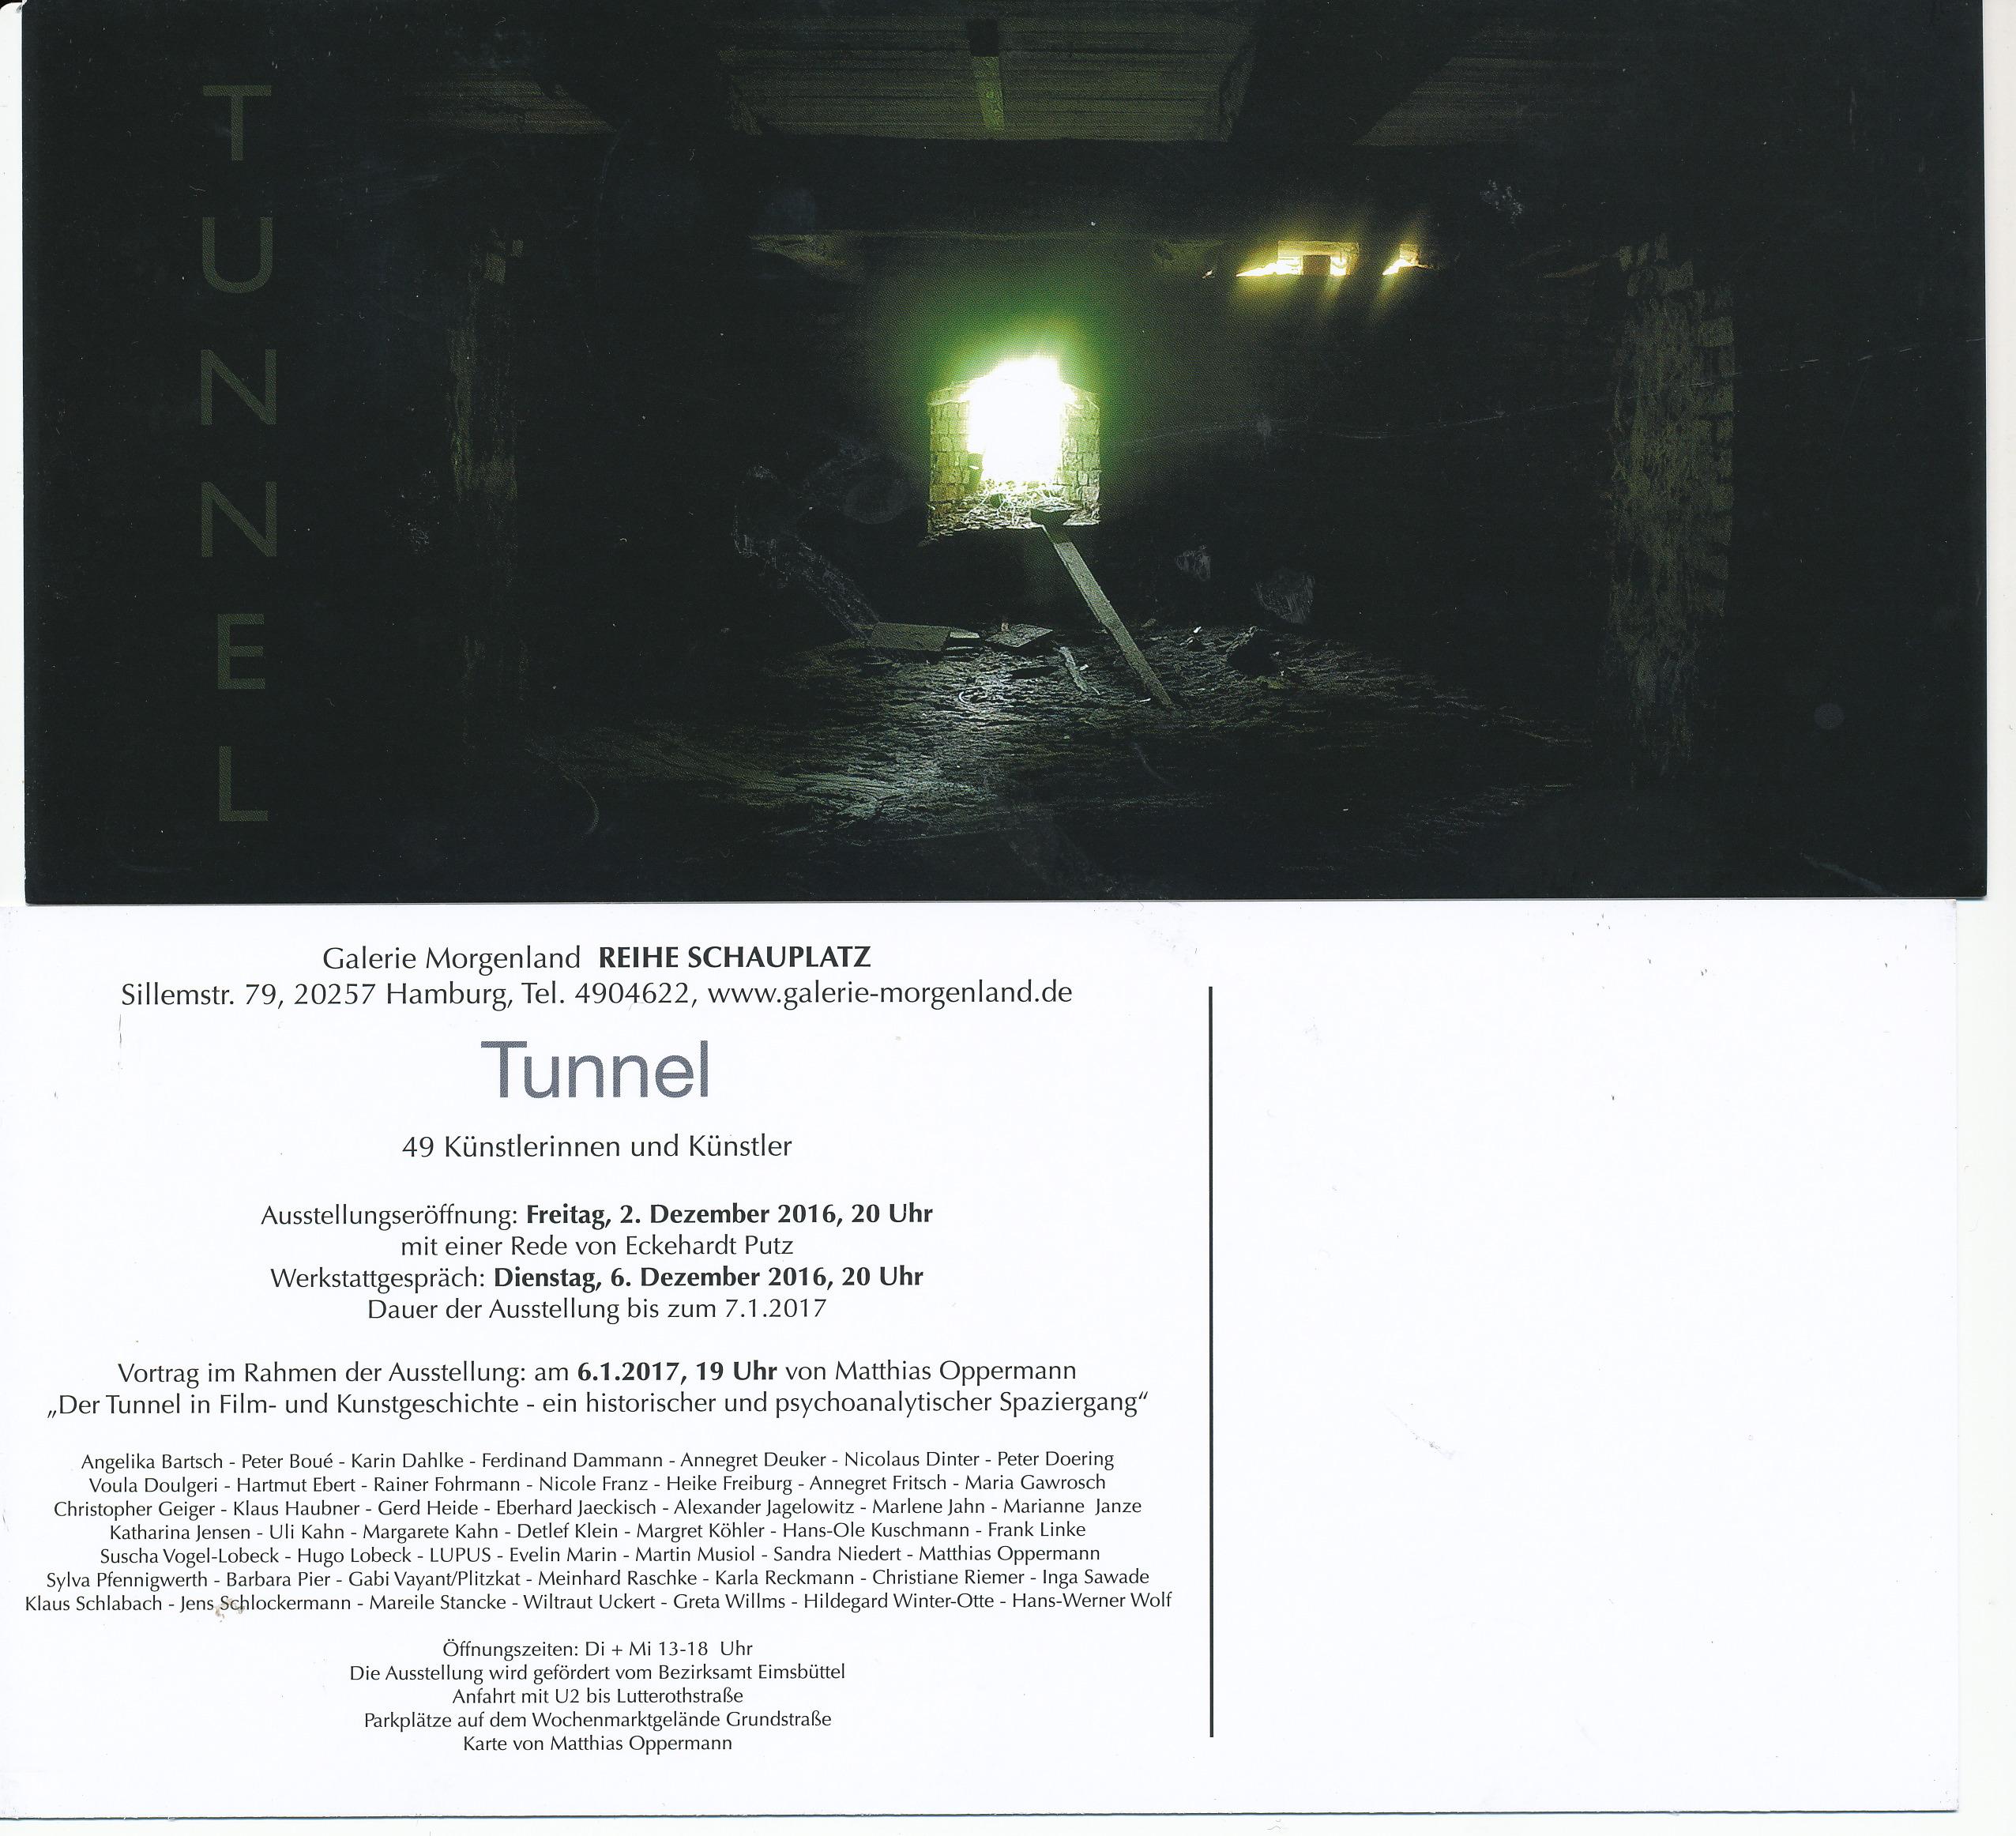 Galerie Morgenland – Reihe SchauplatzTunnel - 49 Künstlerinnen und Künstler